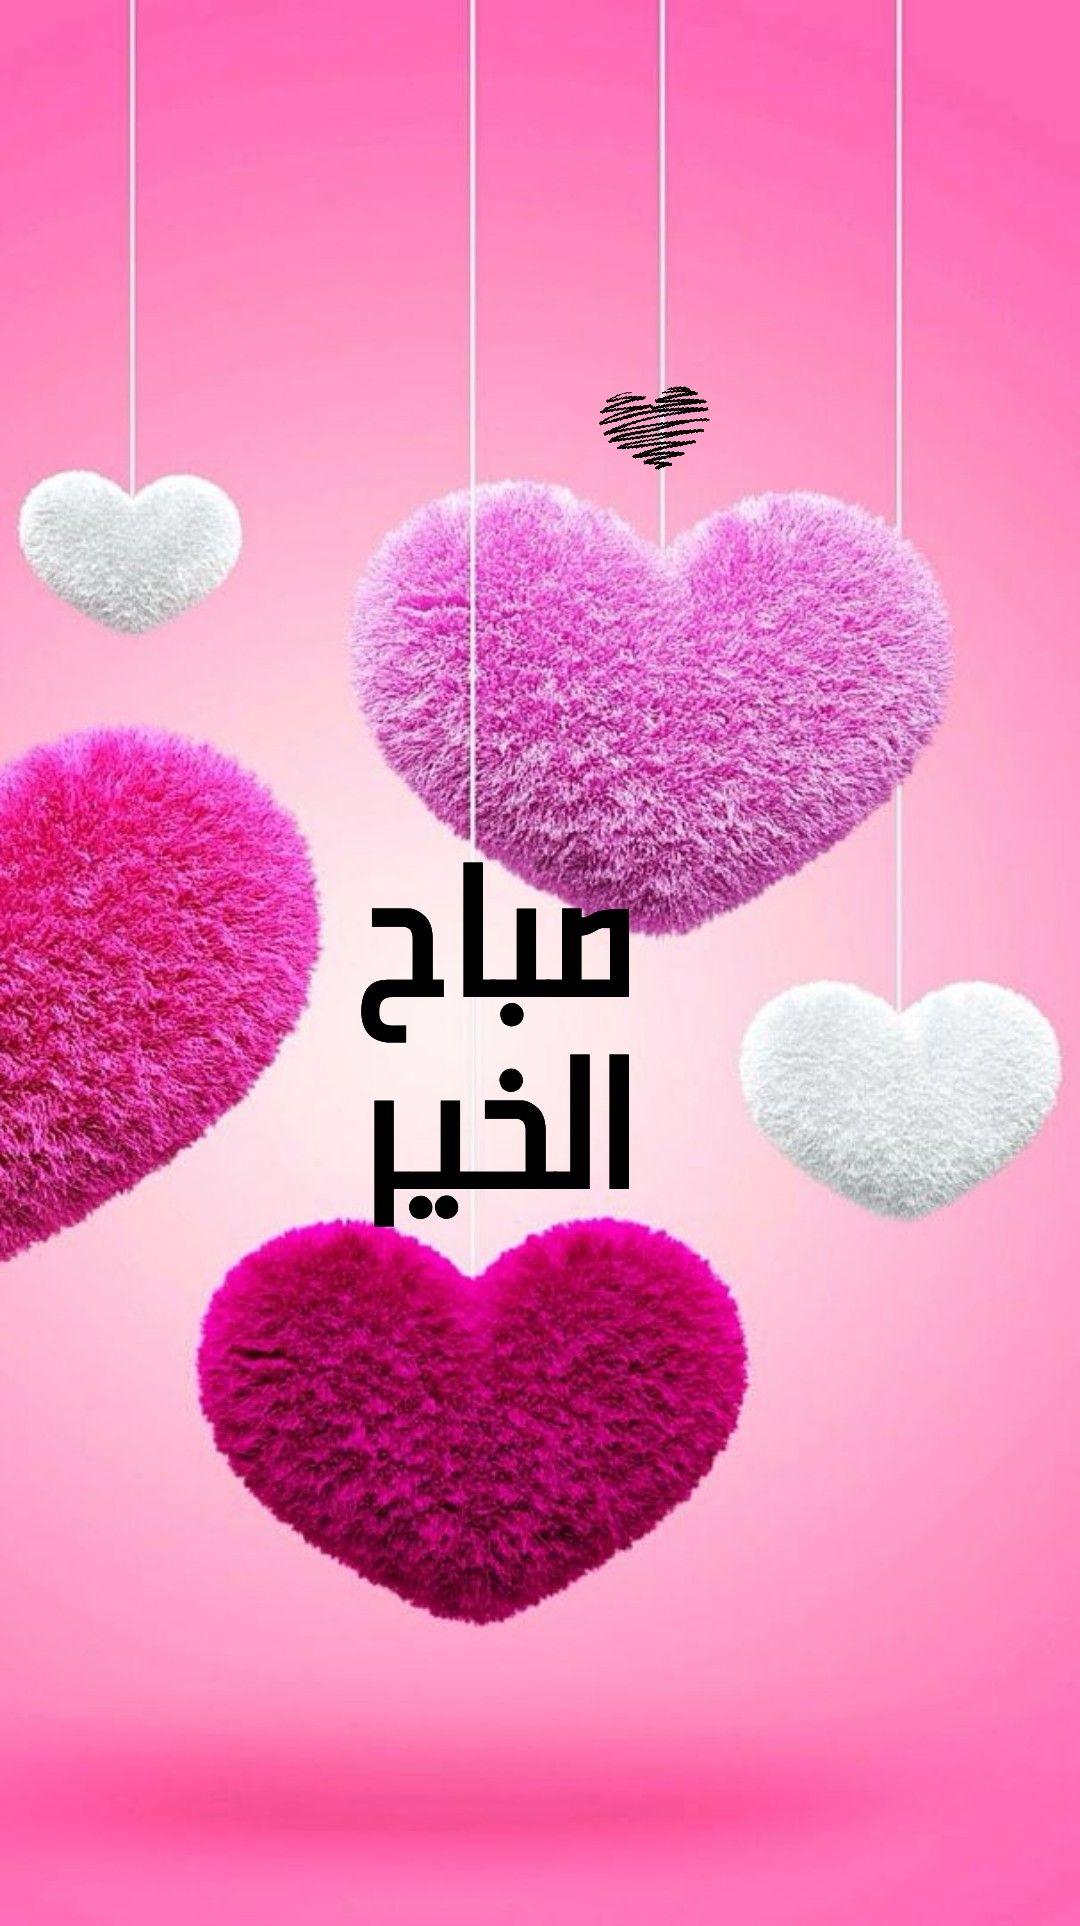 صباح الخير Cute Good Morning Good Morning Greetings Morning Greeting